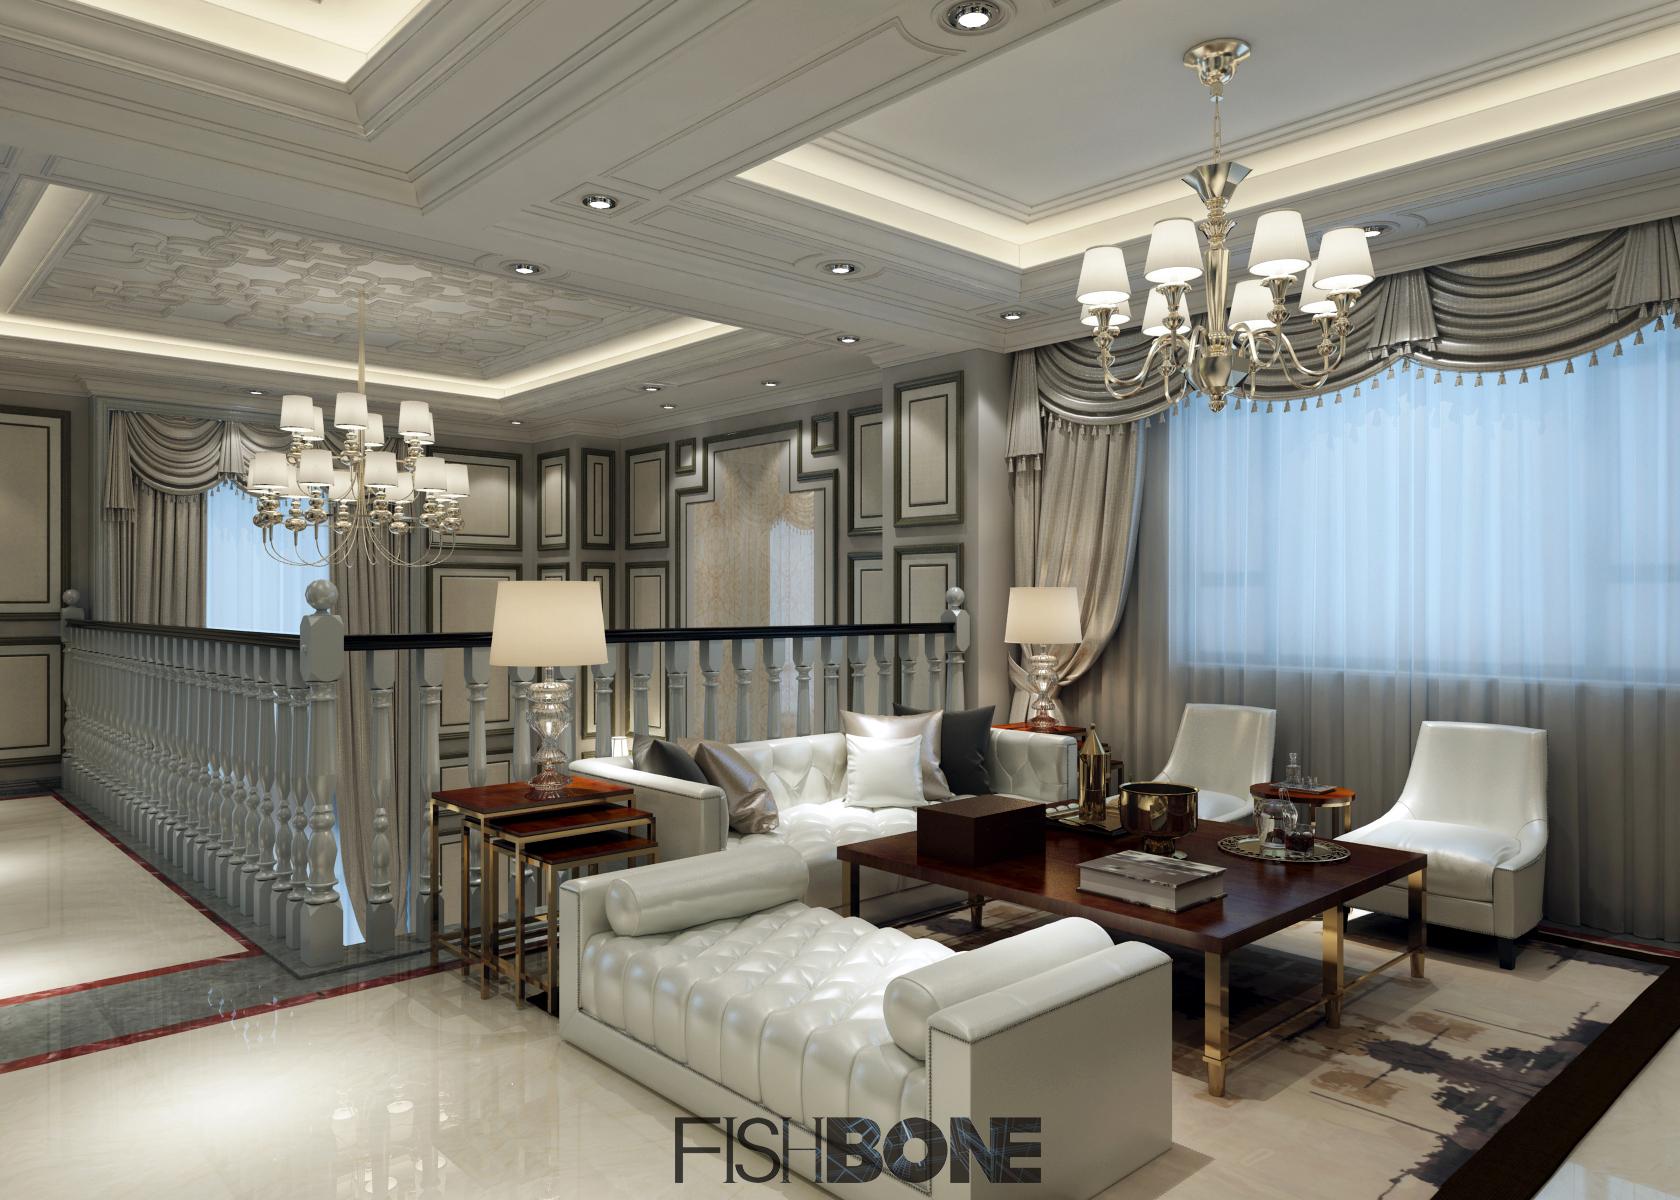 鱼骨设计-美式风格别墅样板房